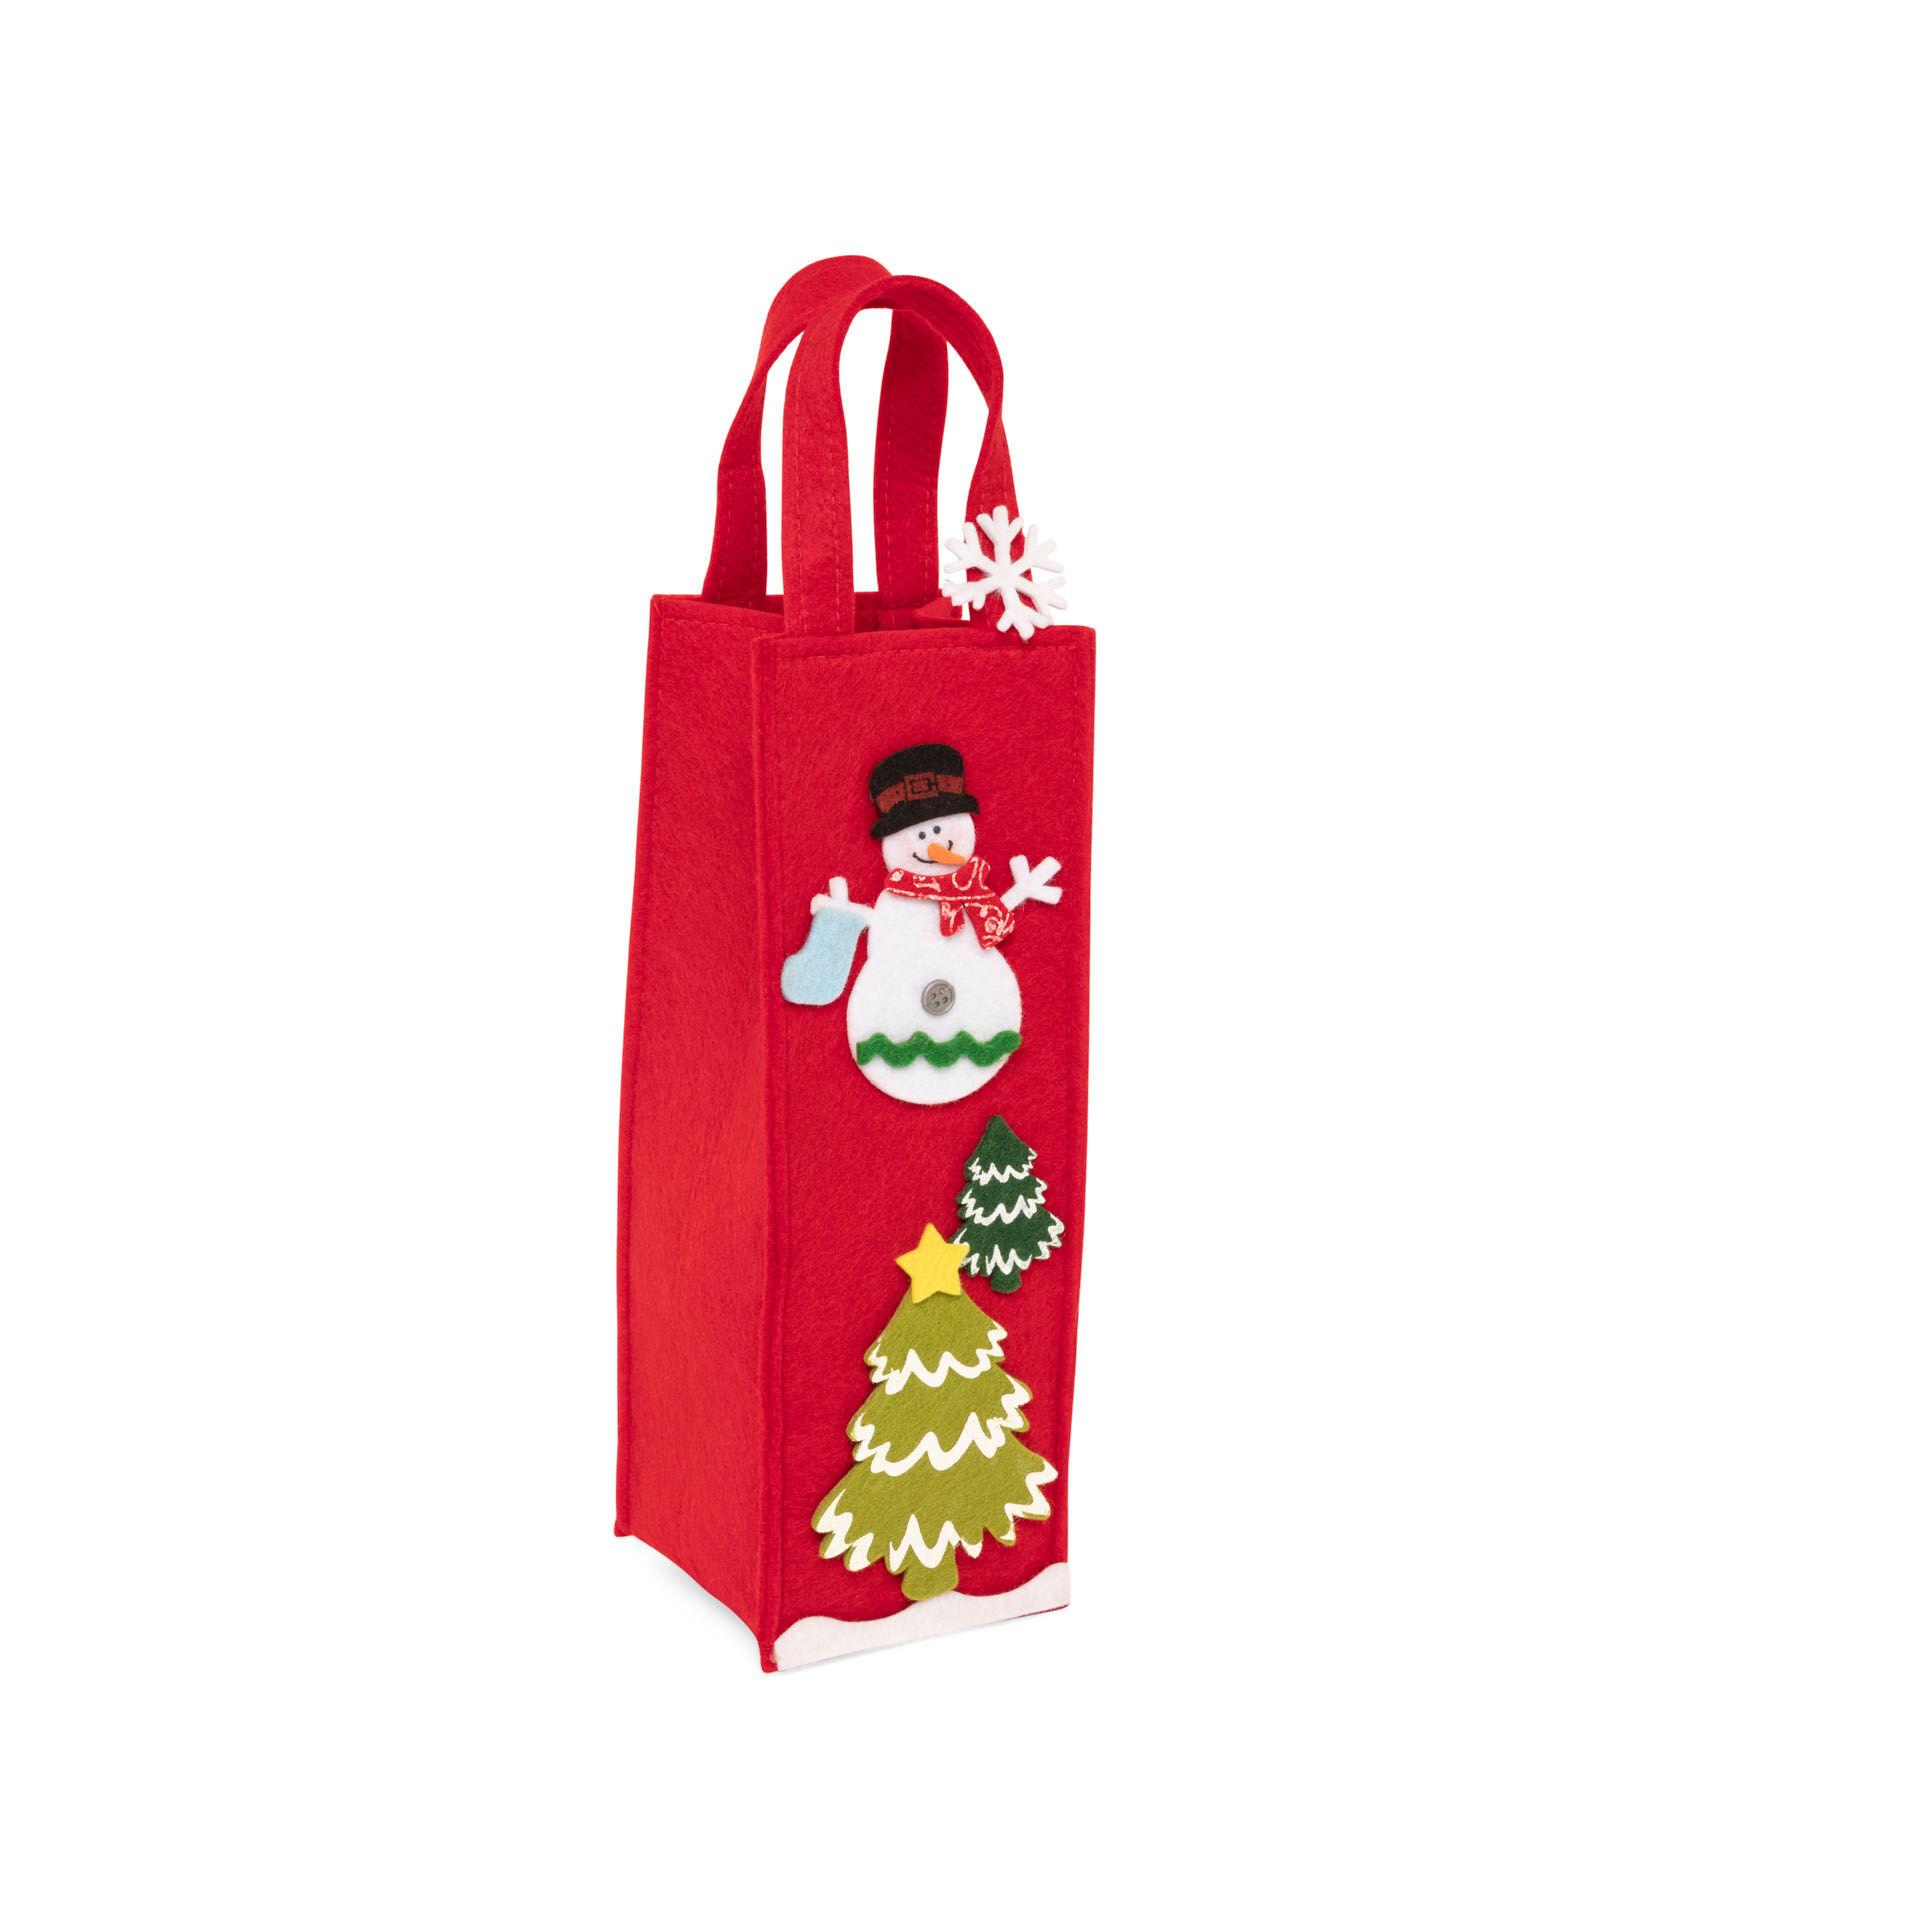 Sac porte-bouteille de Noël rouge, rouge, large